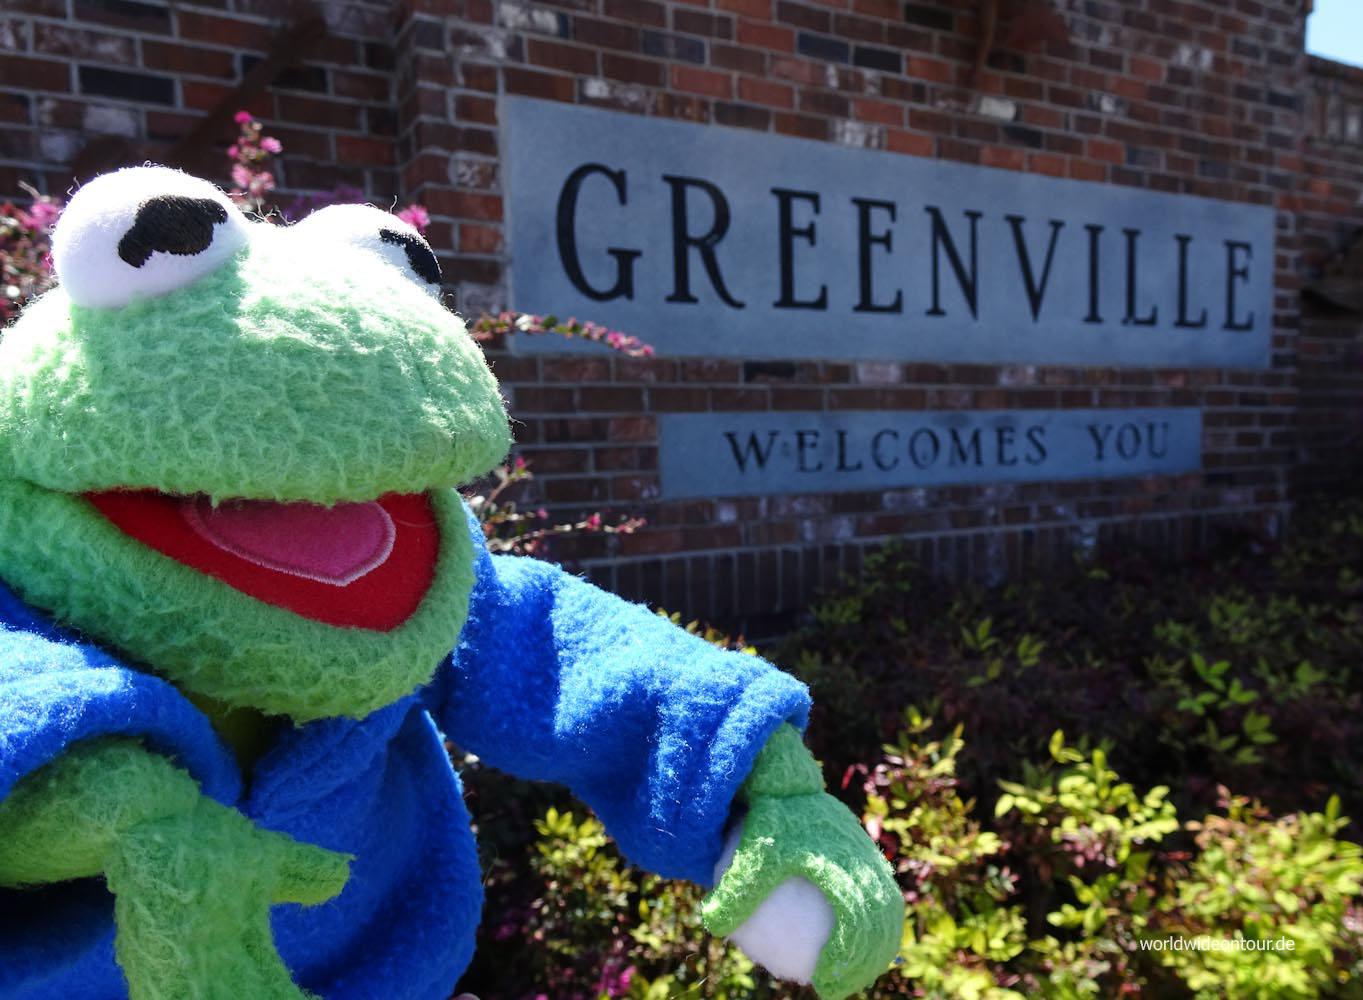 Greenville: Geburtsstadt von Jim Henson, dem Erfinder der Muppets.